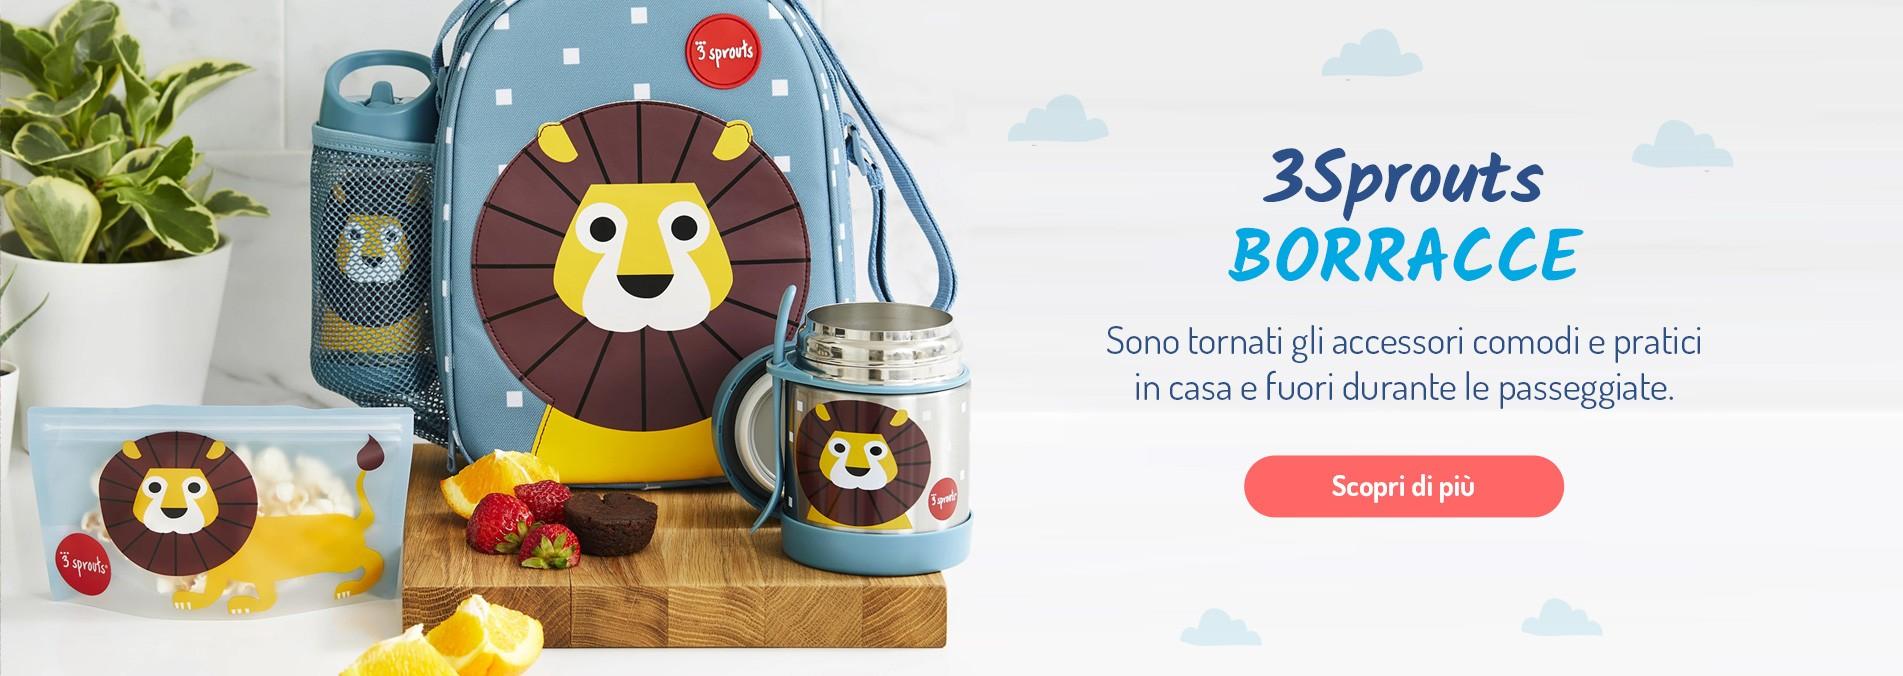 Borracce 3sprouts